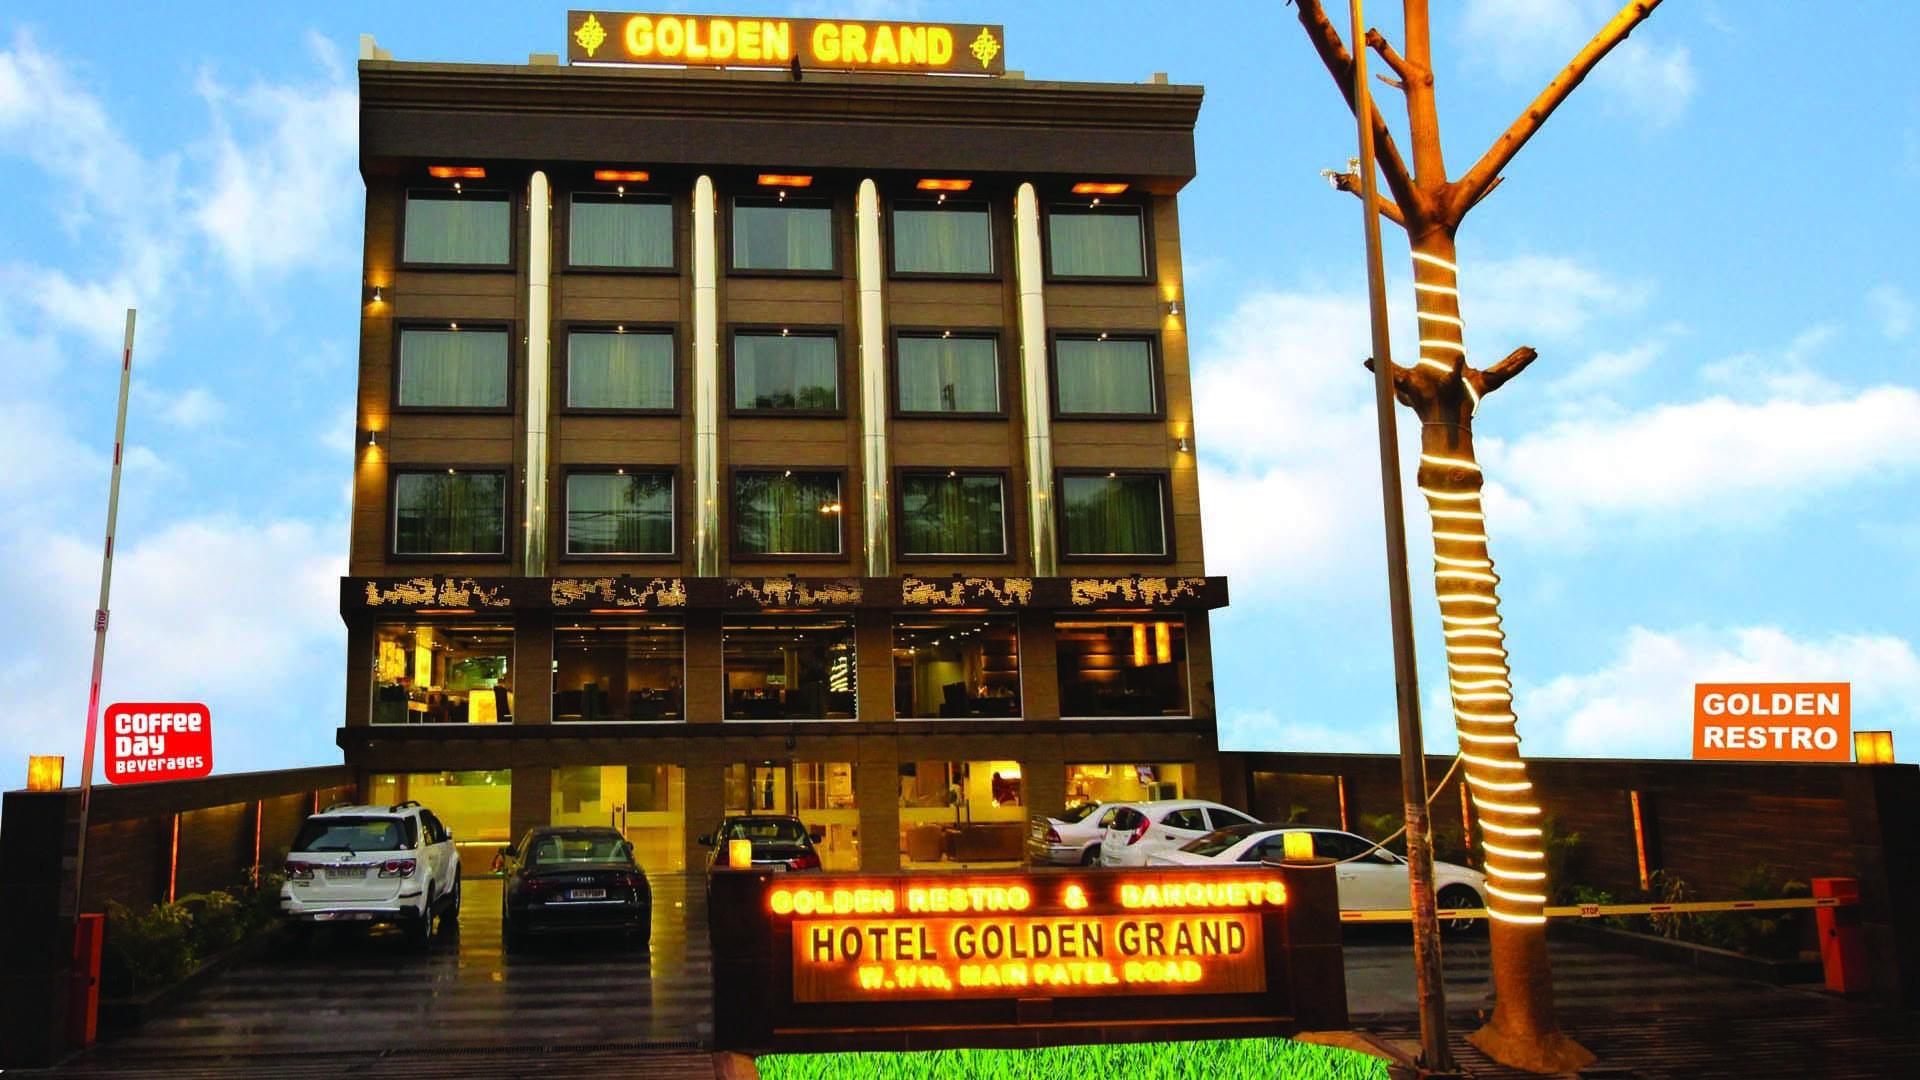 http://hotelgoldengrand.com/images/slider/1.jpg